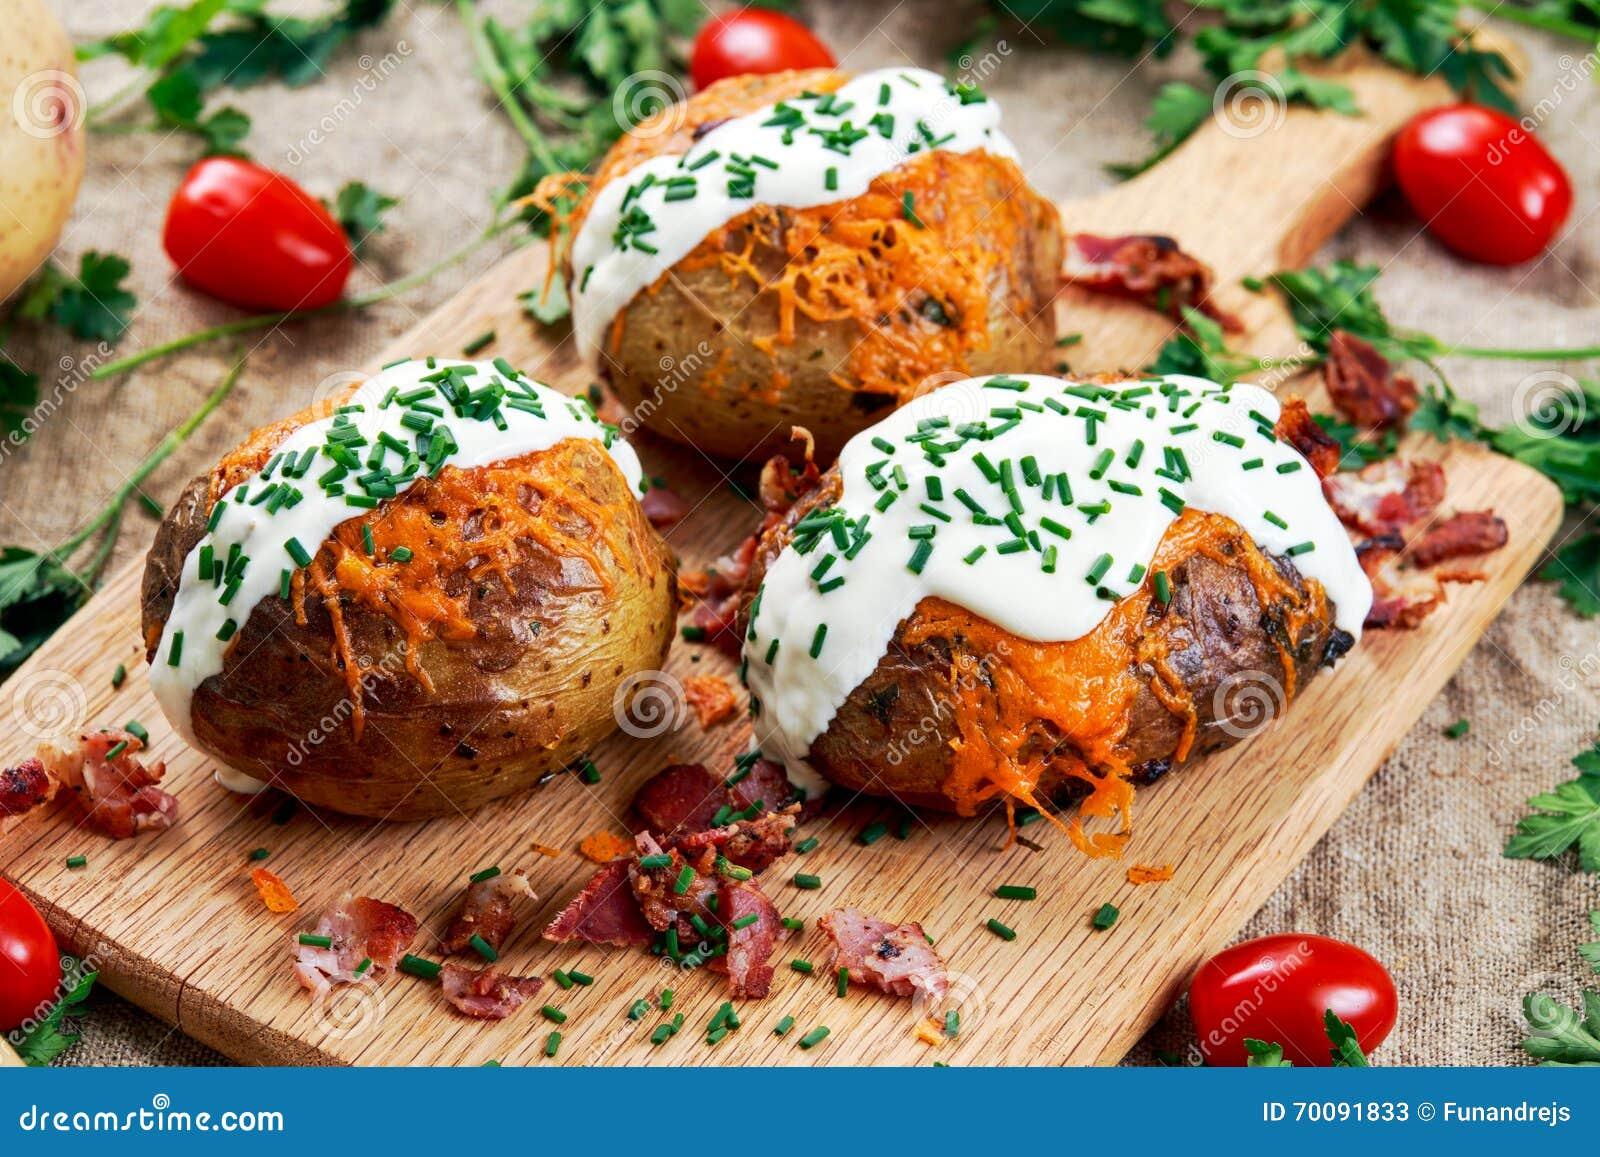 Varm bakad potatis med ost, bacon, gräslökar och gräddfil